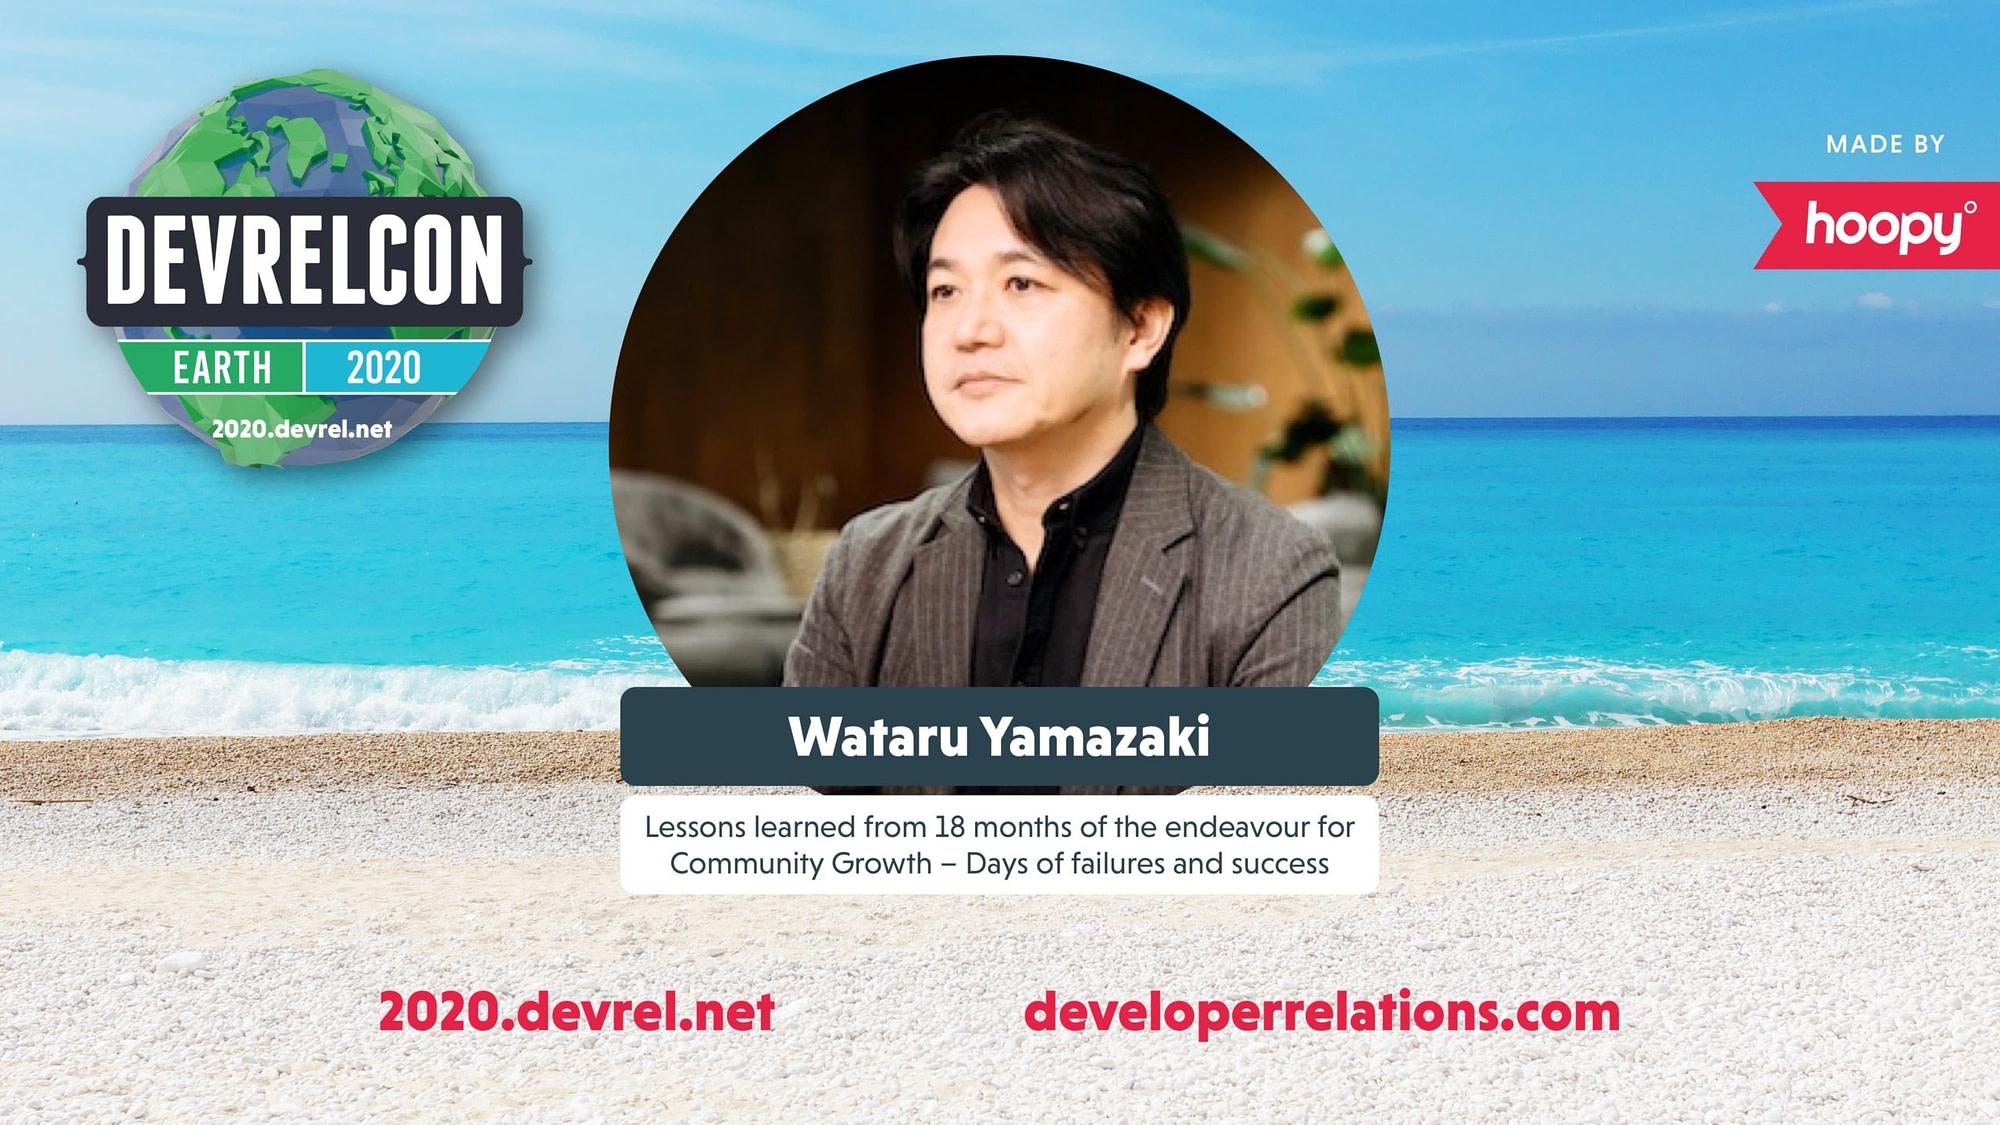 Wataru Yamazaki